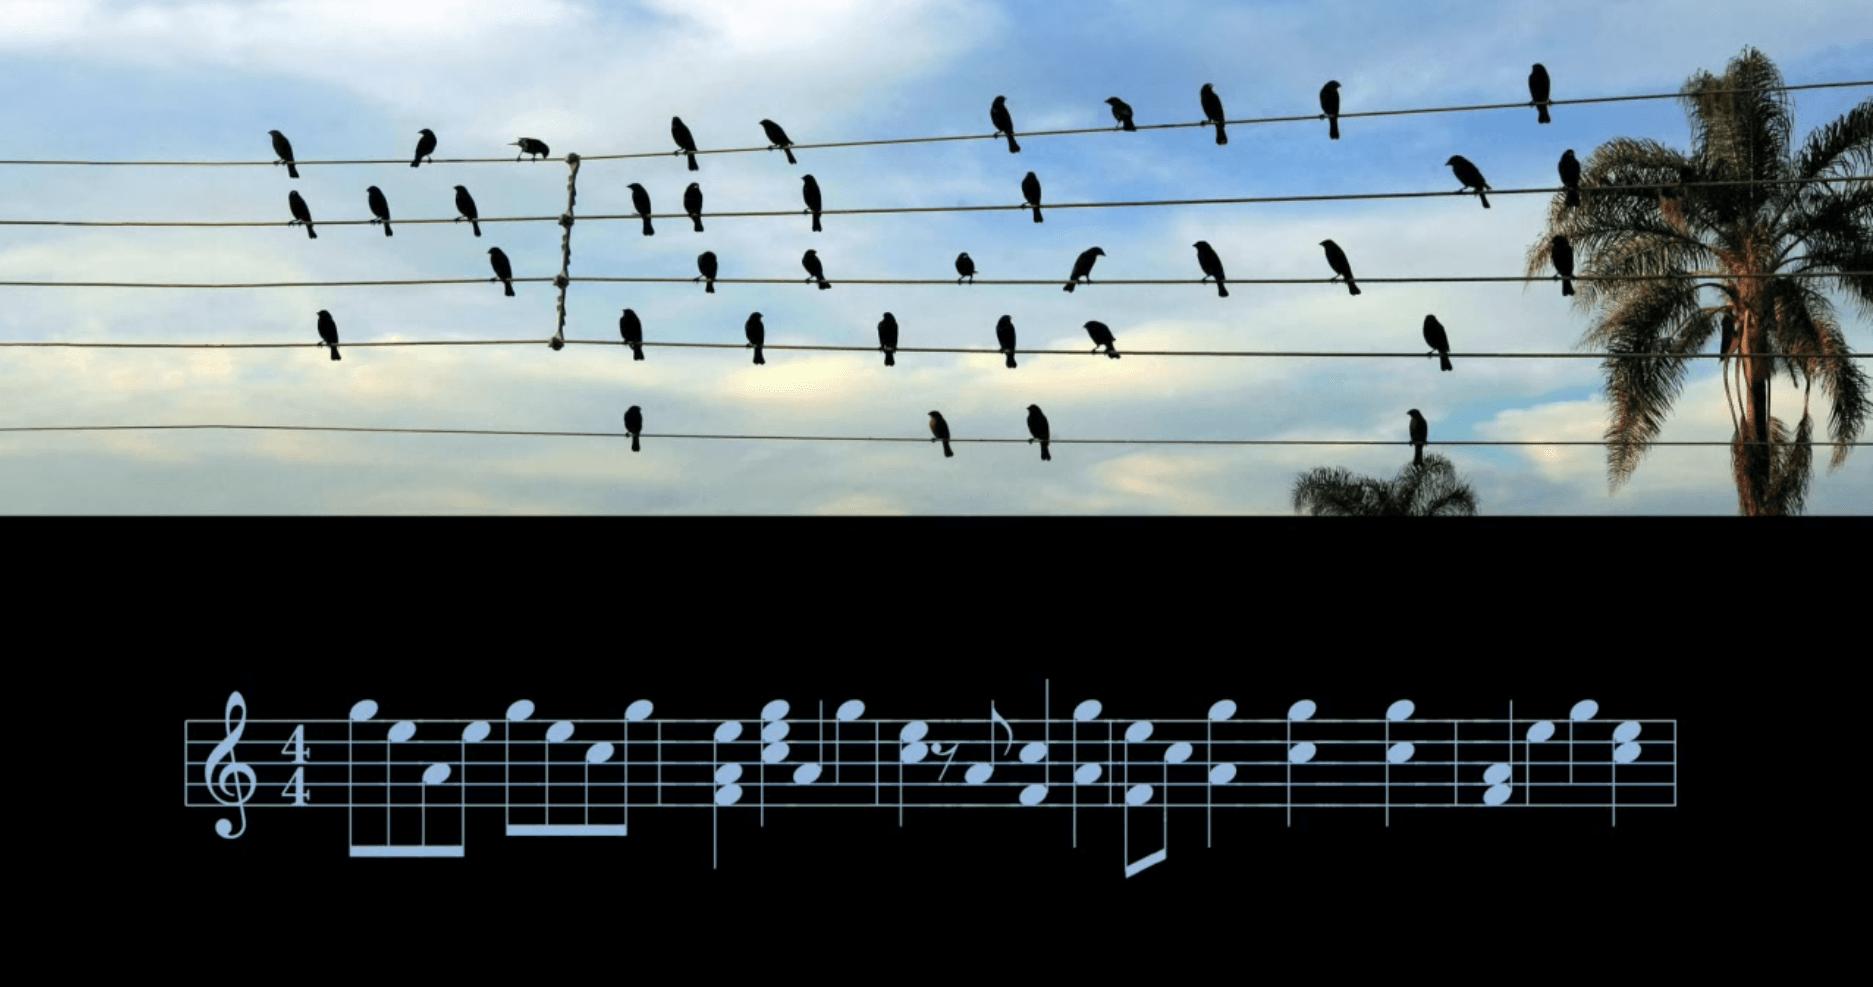 Bela canção é criada a partir de foto de pássaros em fios elétricos